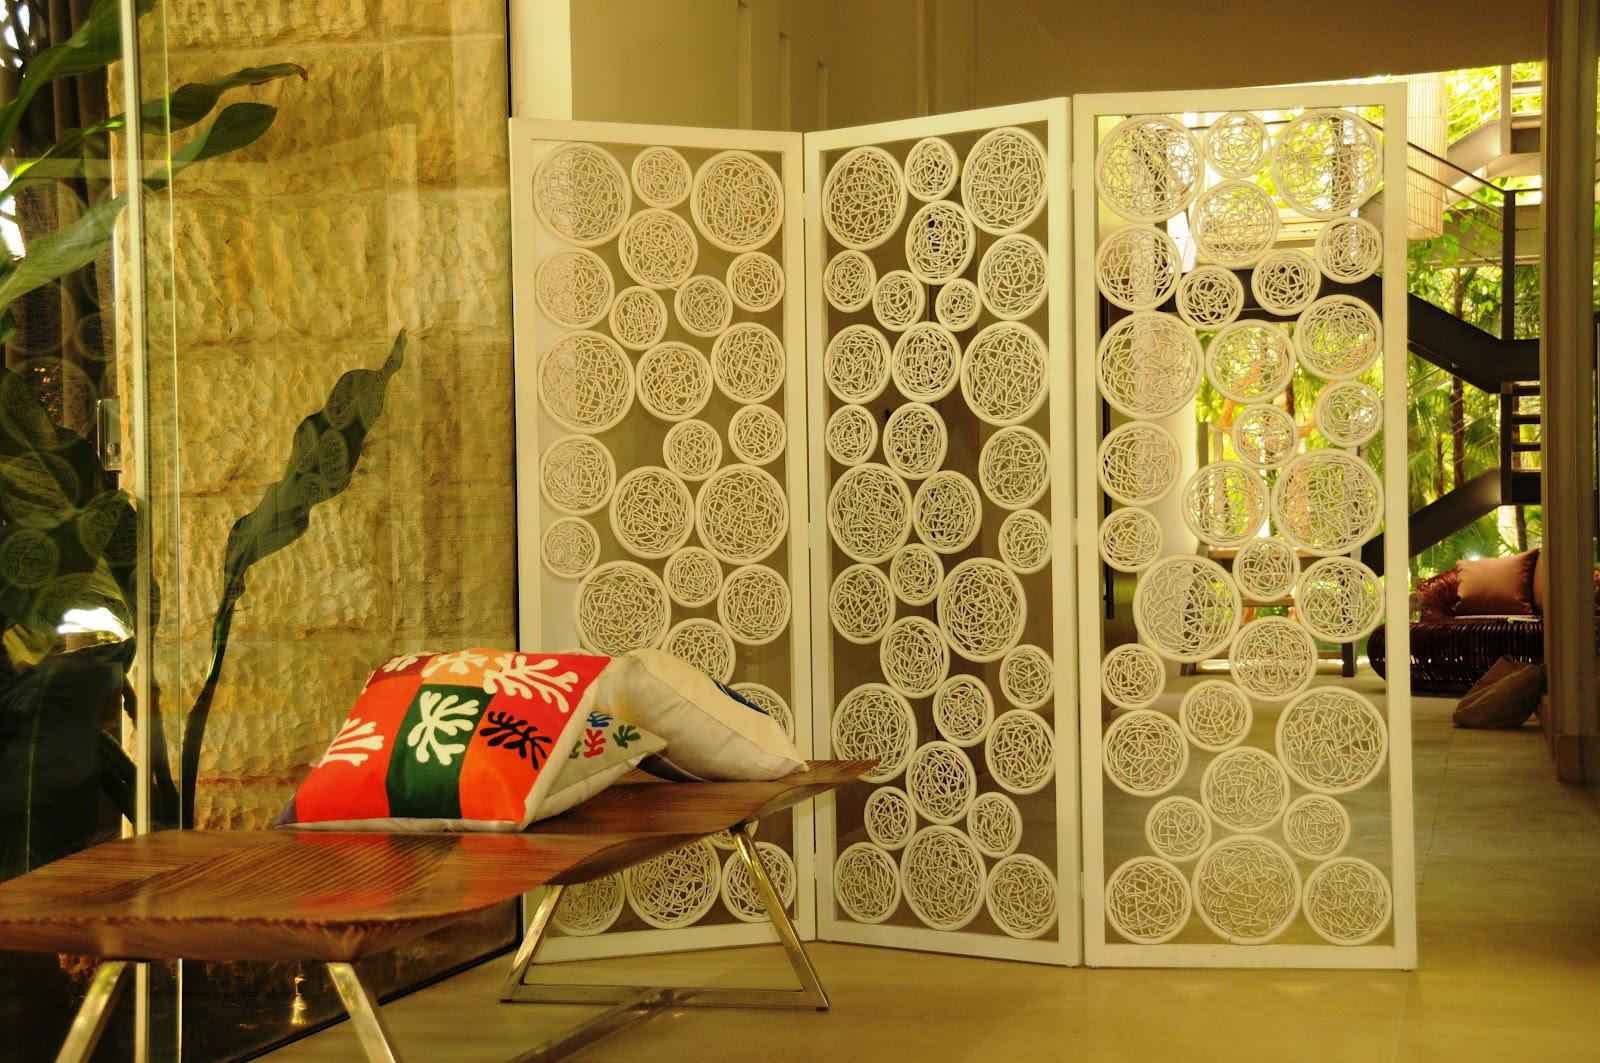 Resultado de imagem para biombo na decoaDecorações Incríveis com Biombo & Como Fazer em Casa!  ração